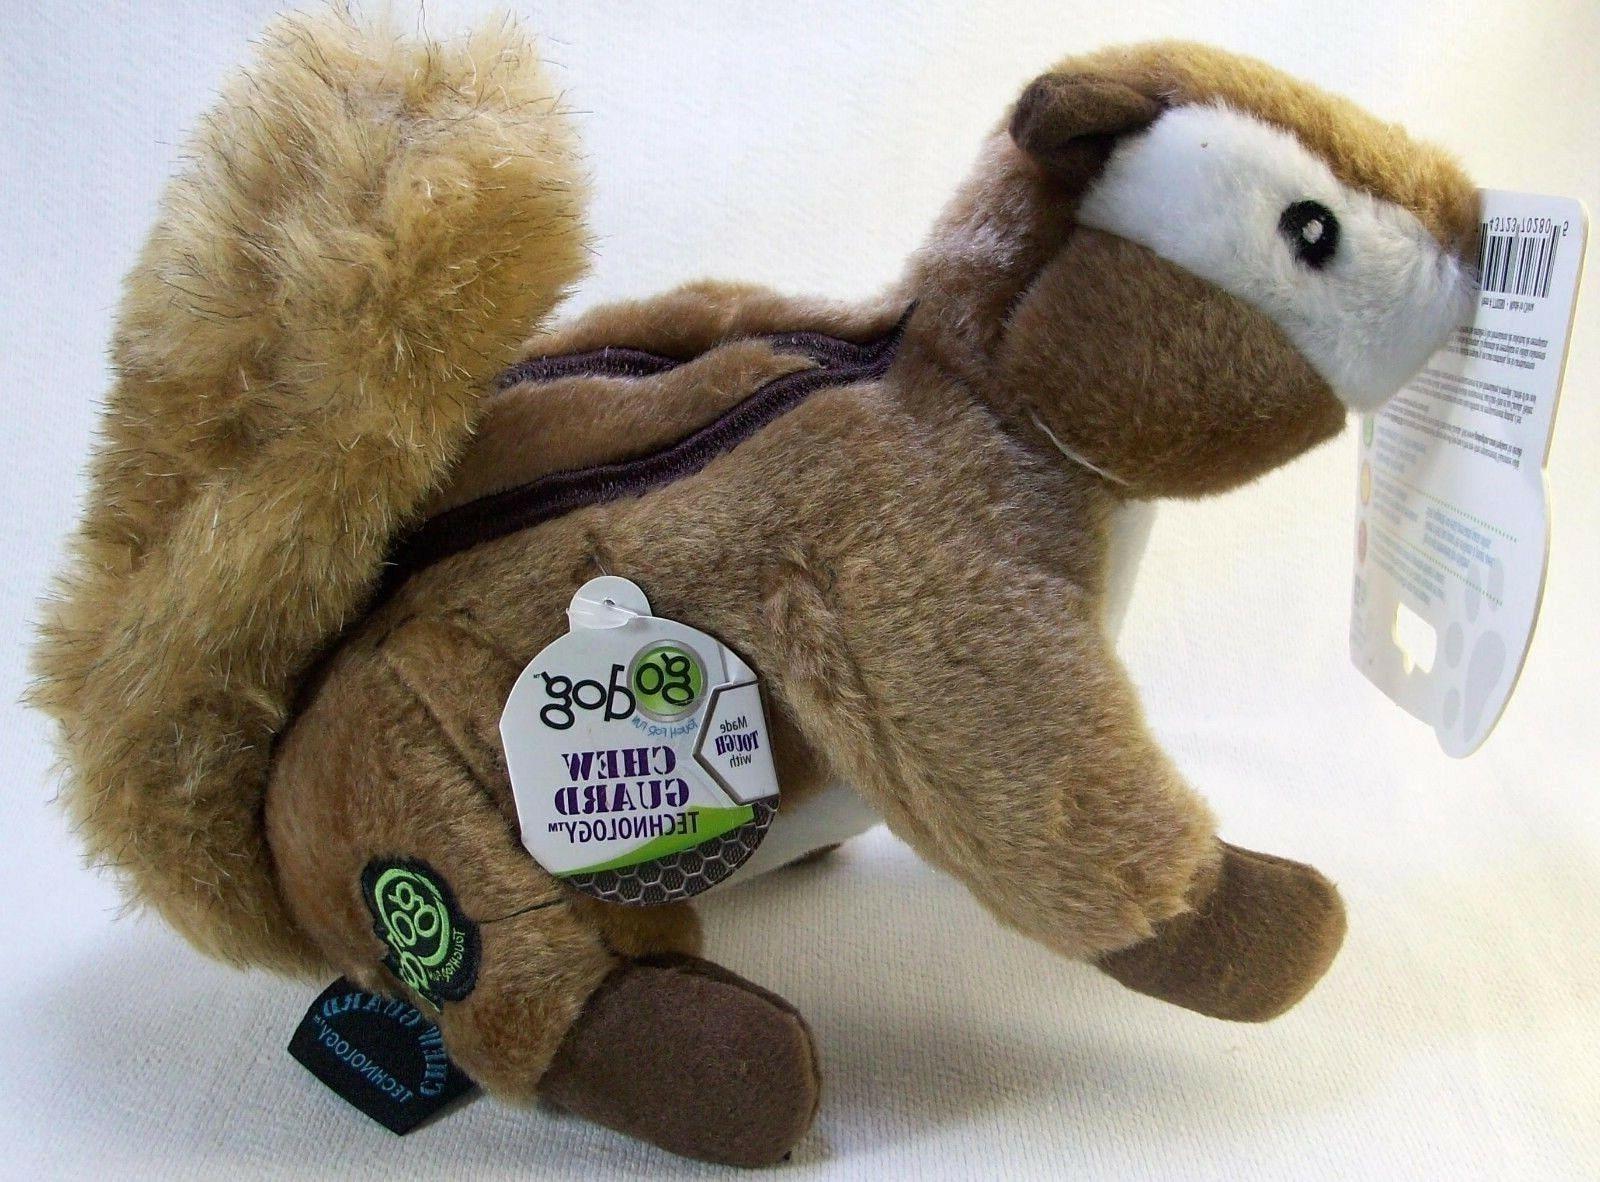 wildlife chipmunk dog toy squeaker dog toy